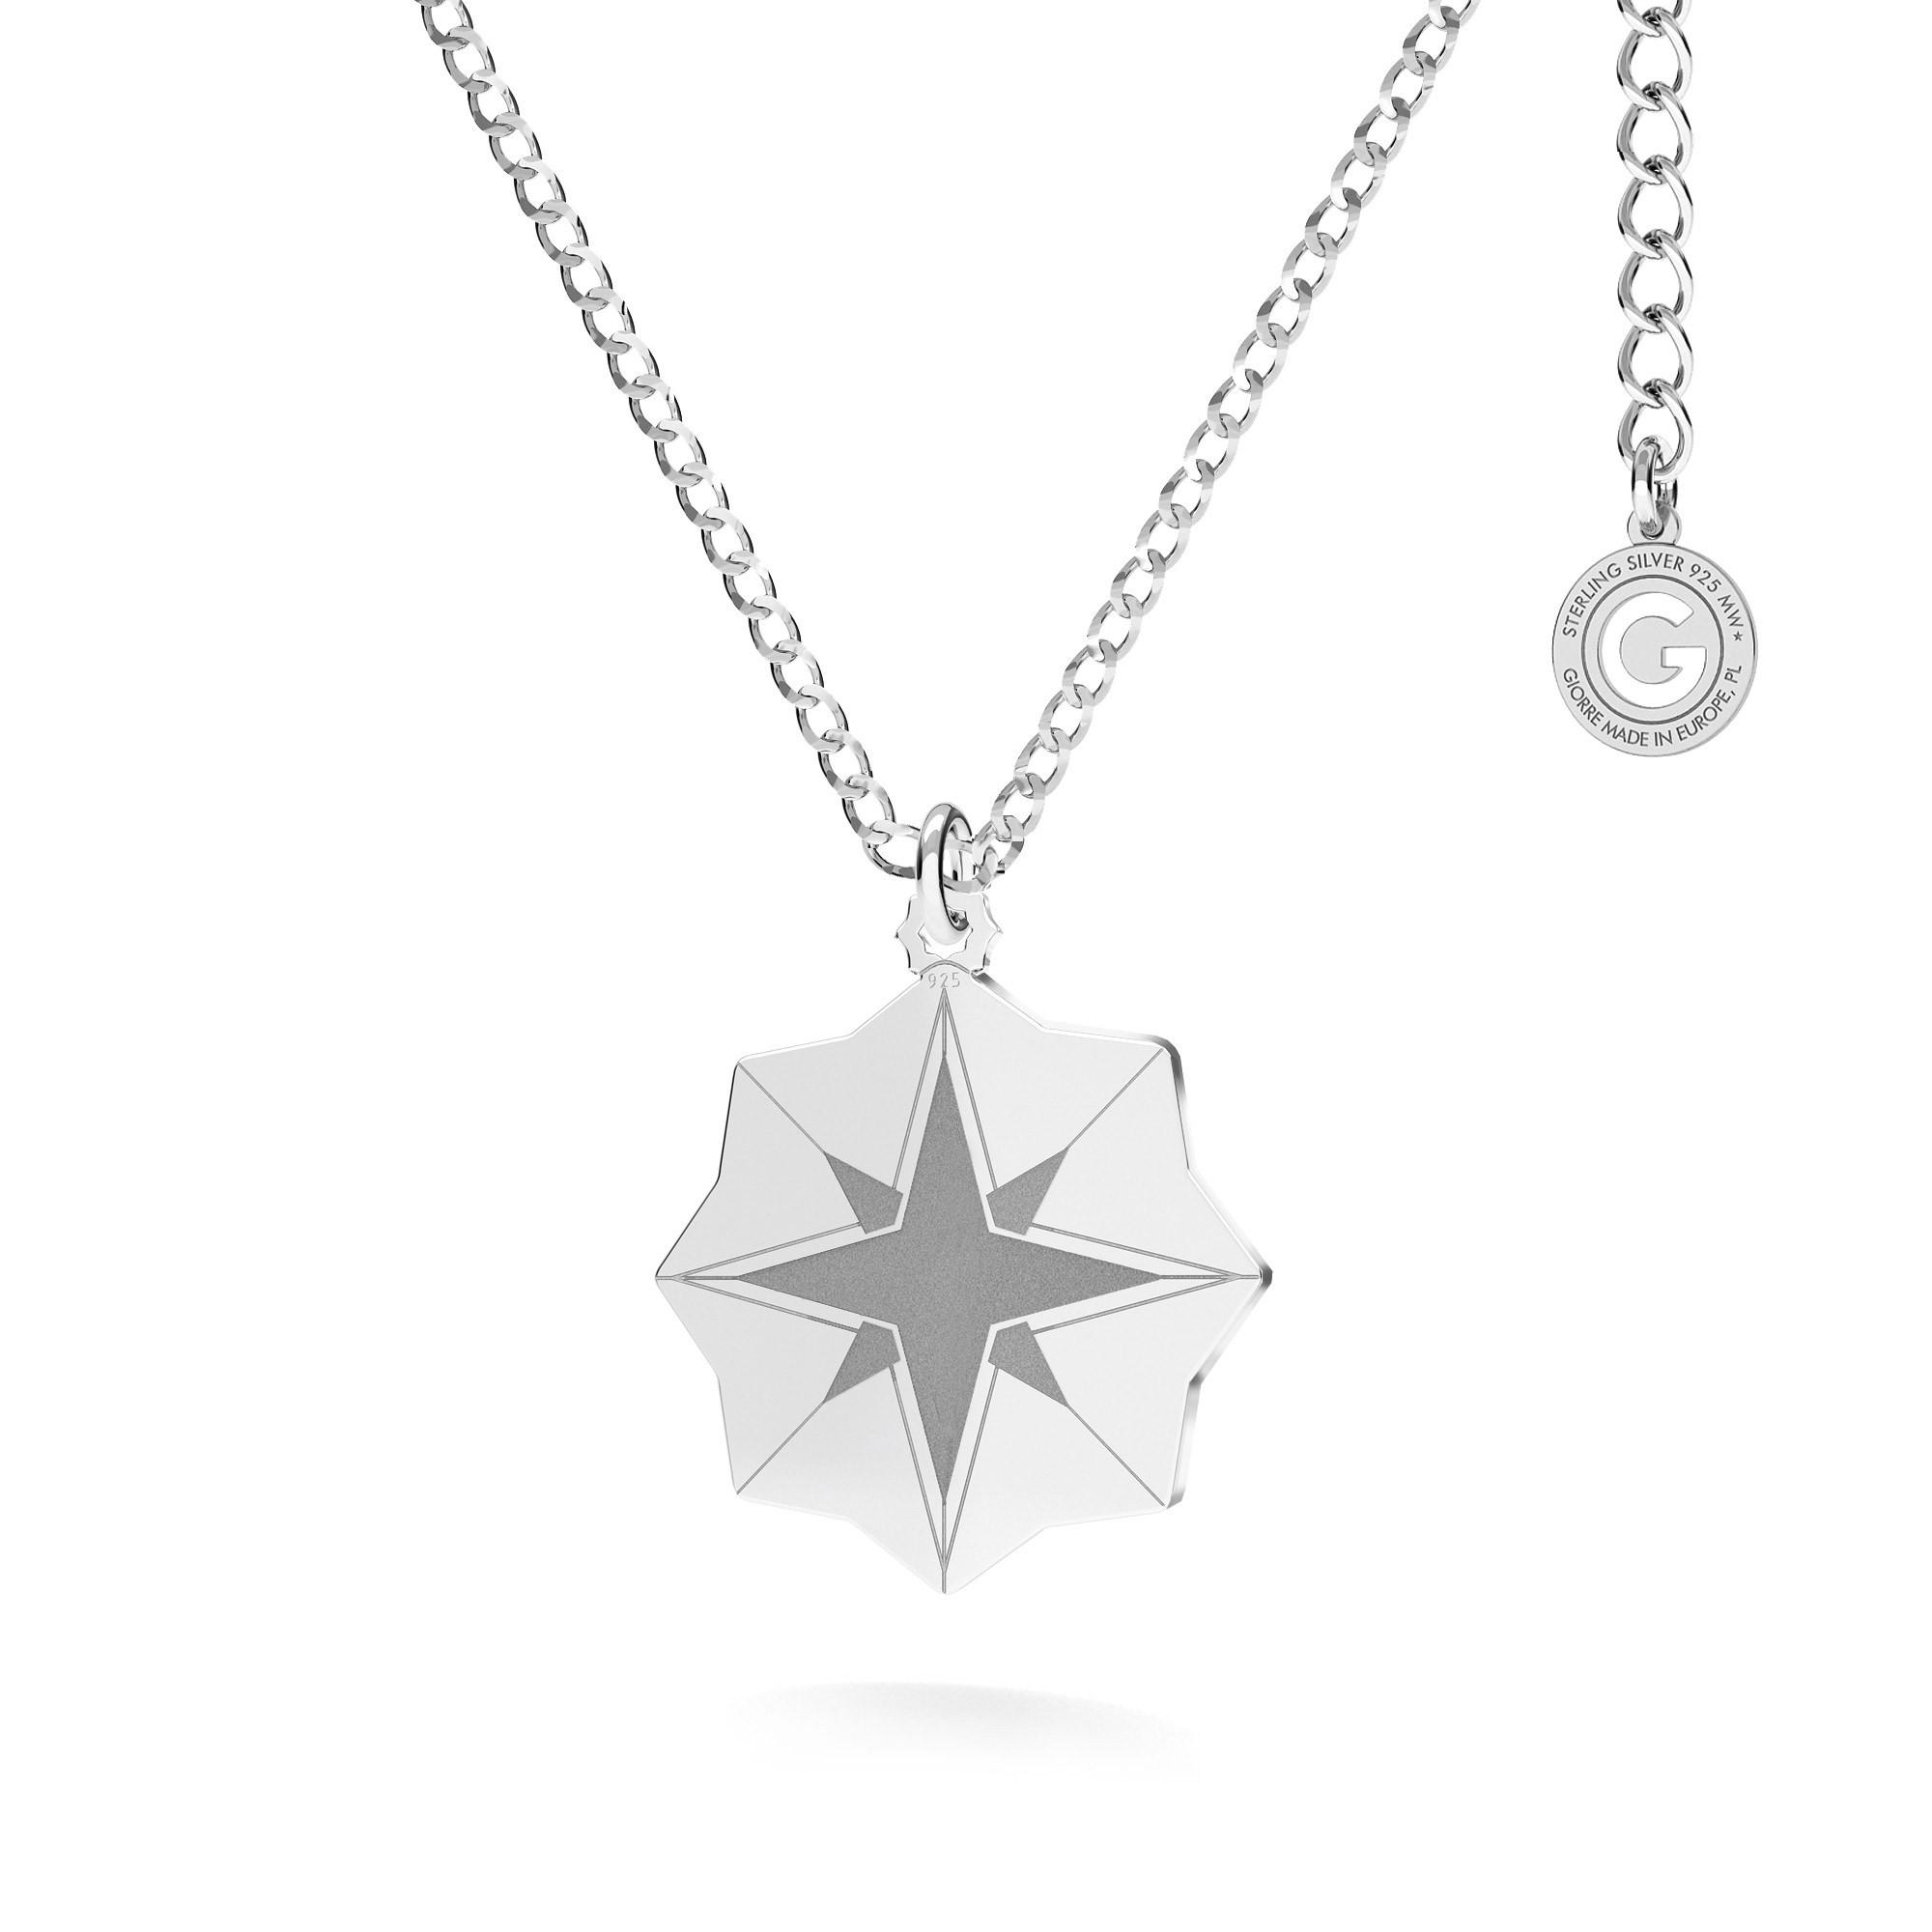 Naszyjnik medalion gwiazda MON DÉFI srebro 925